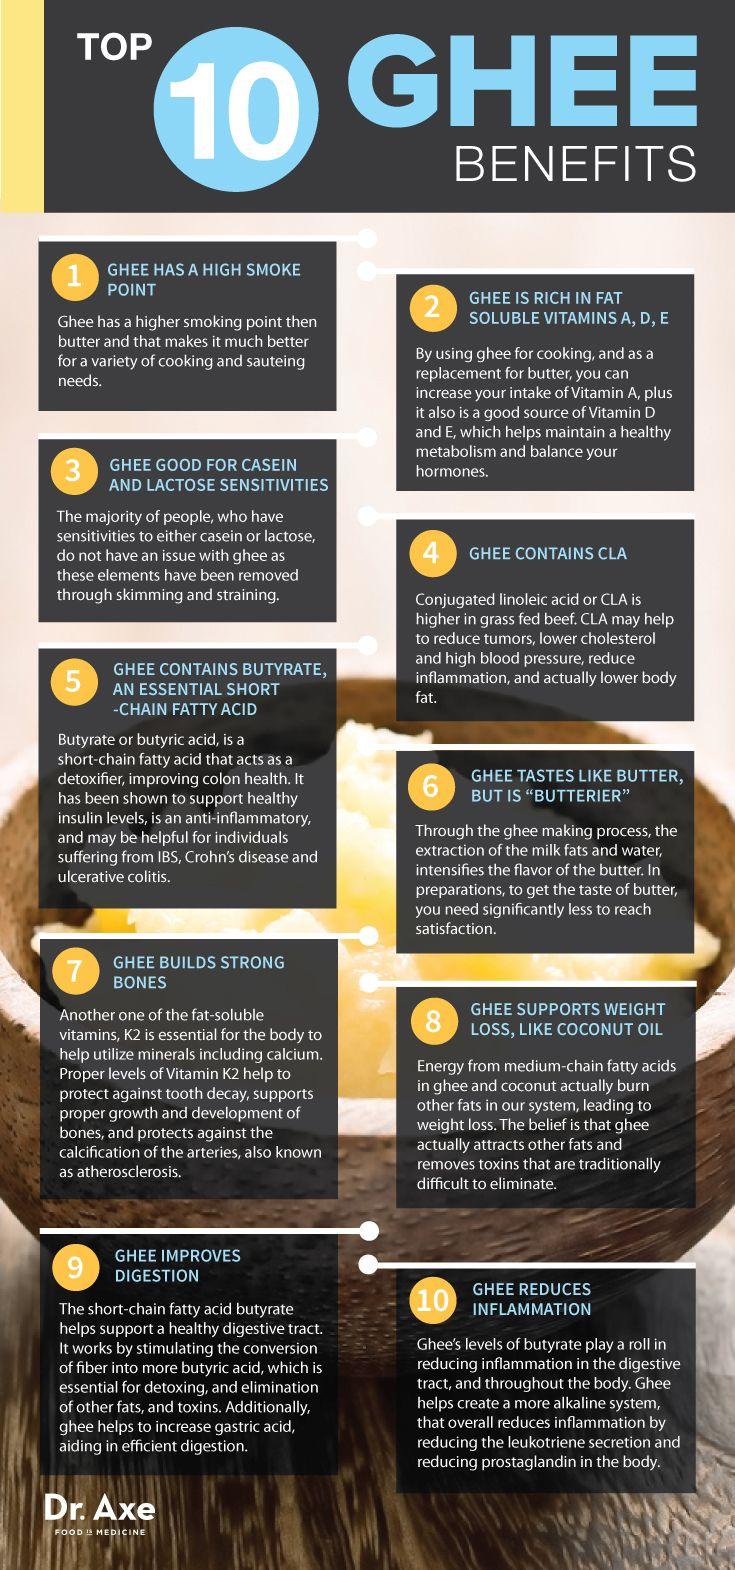 Ghee Benefits Better Than Butter? http://www.draxe.com #health #natural #holistic